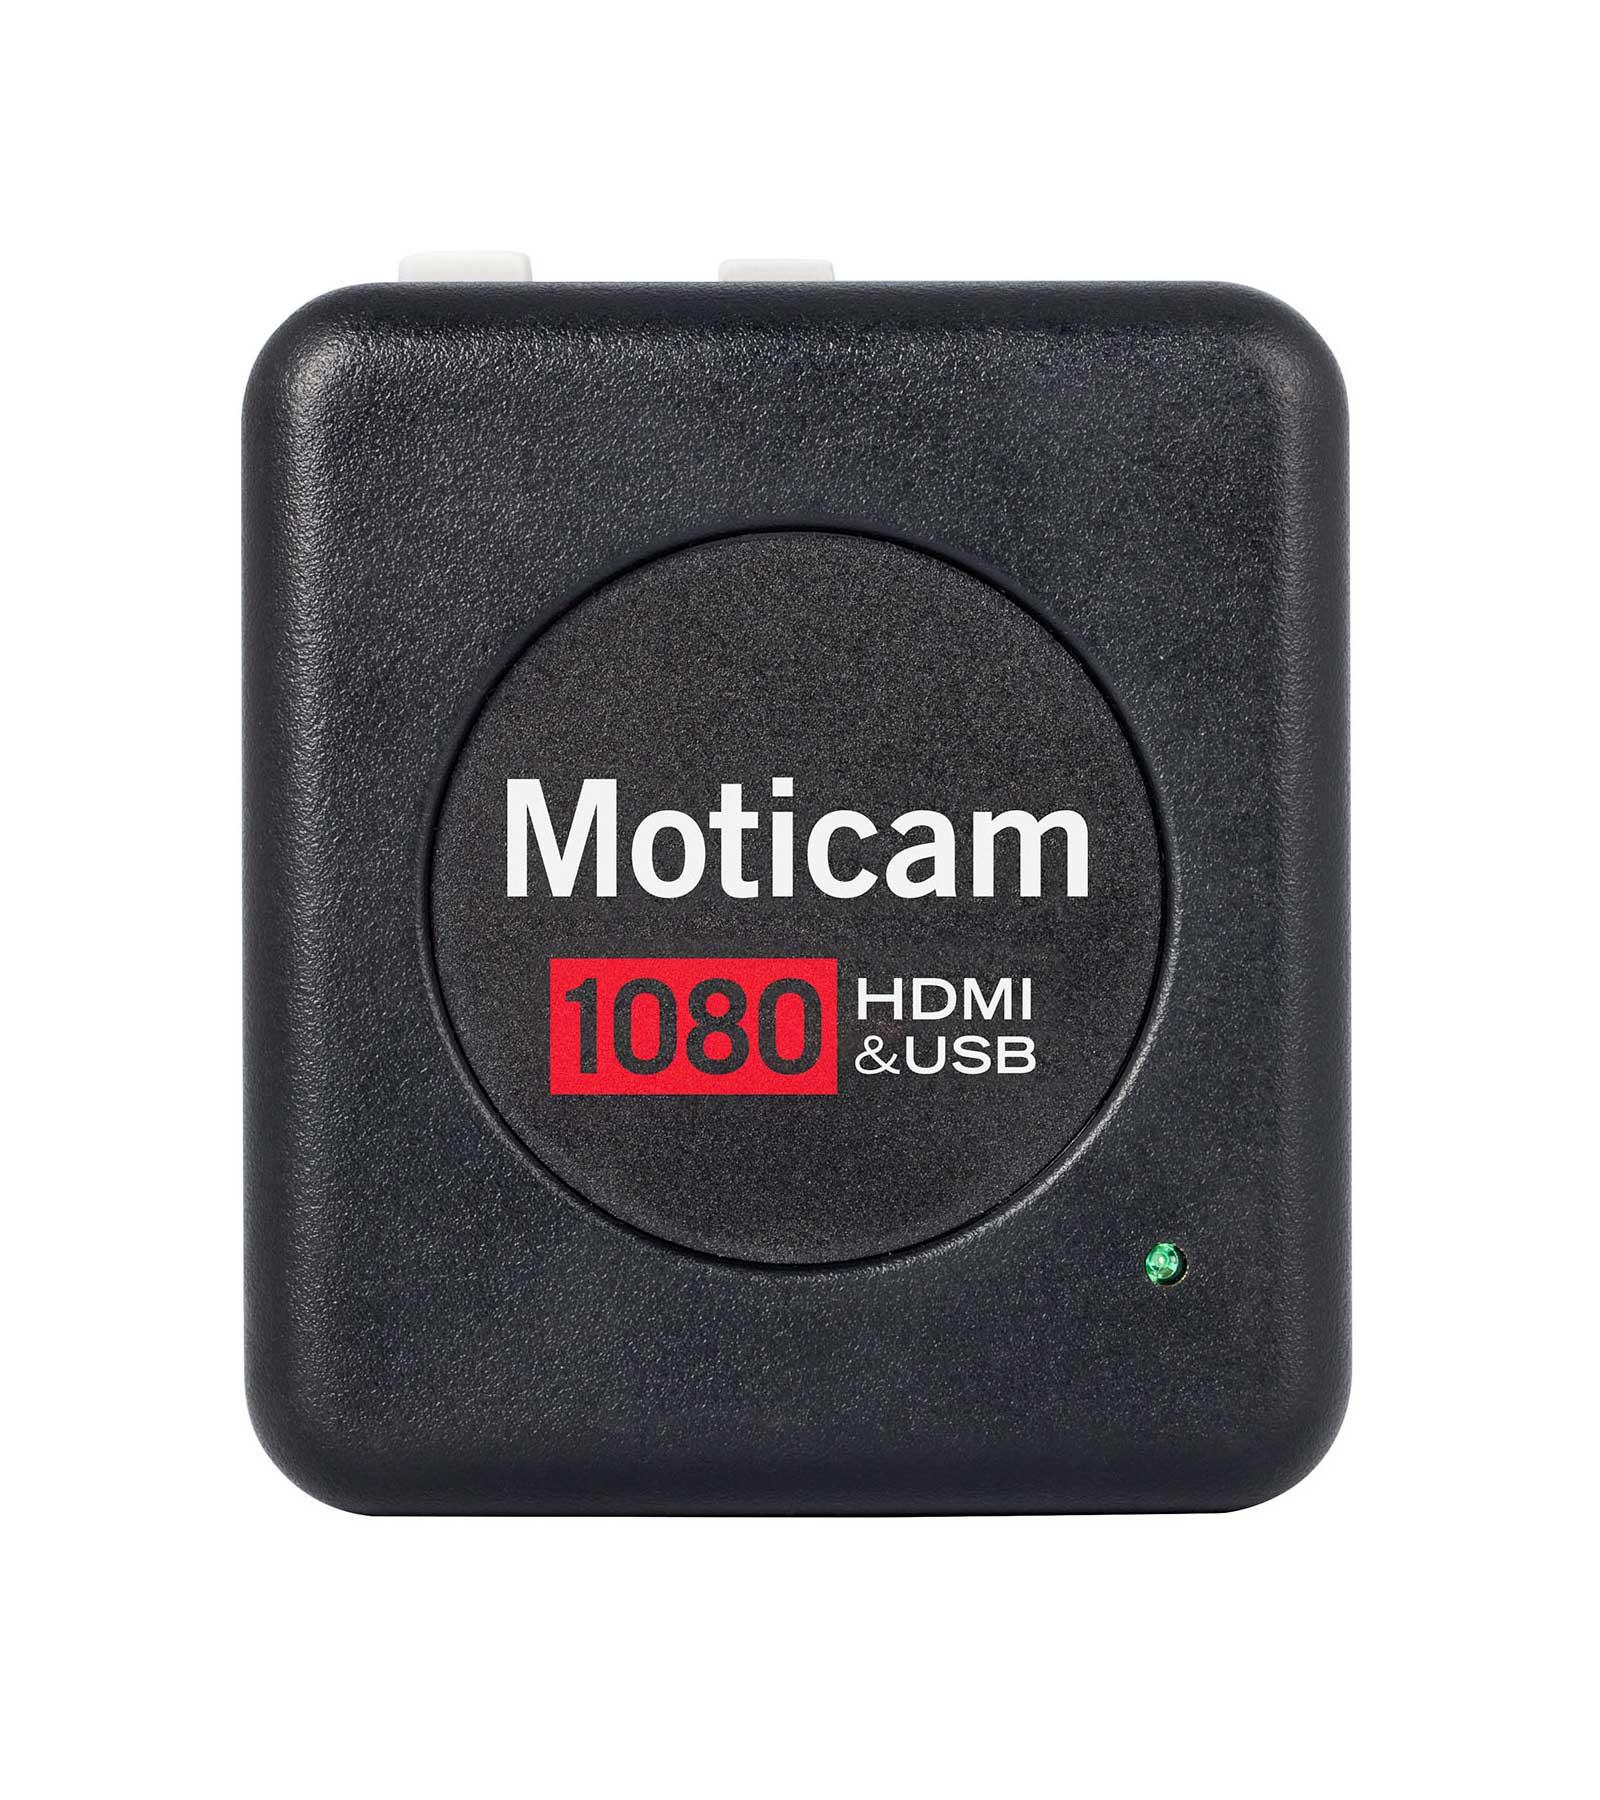 MOTICAM 1080 HEREO 1